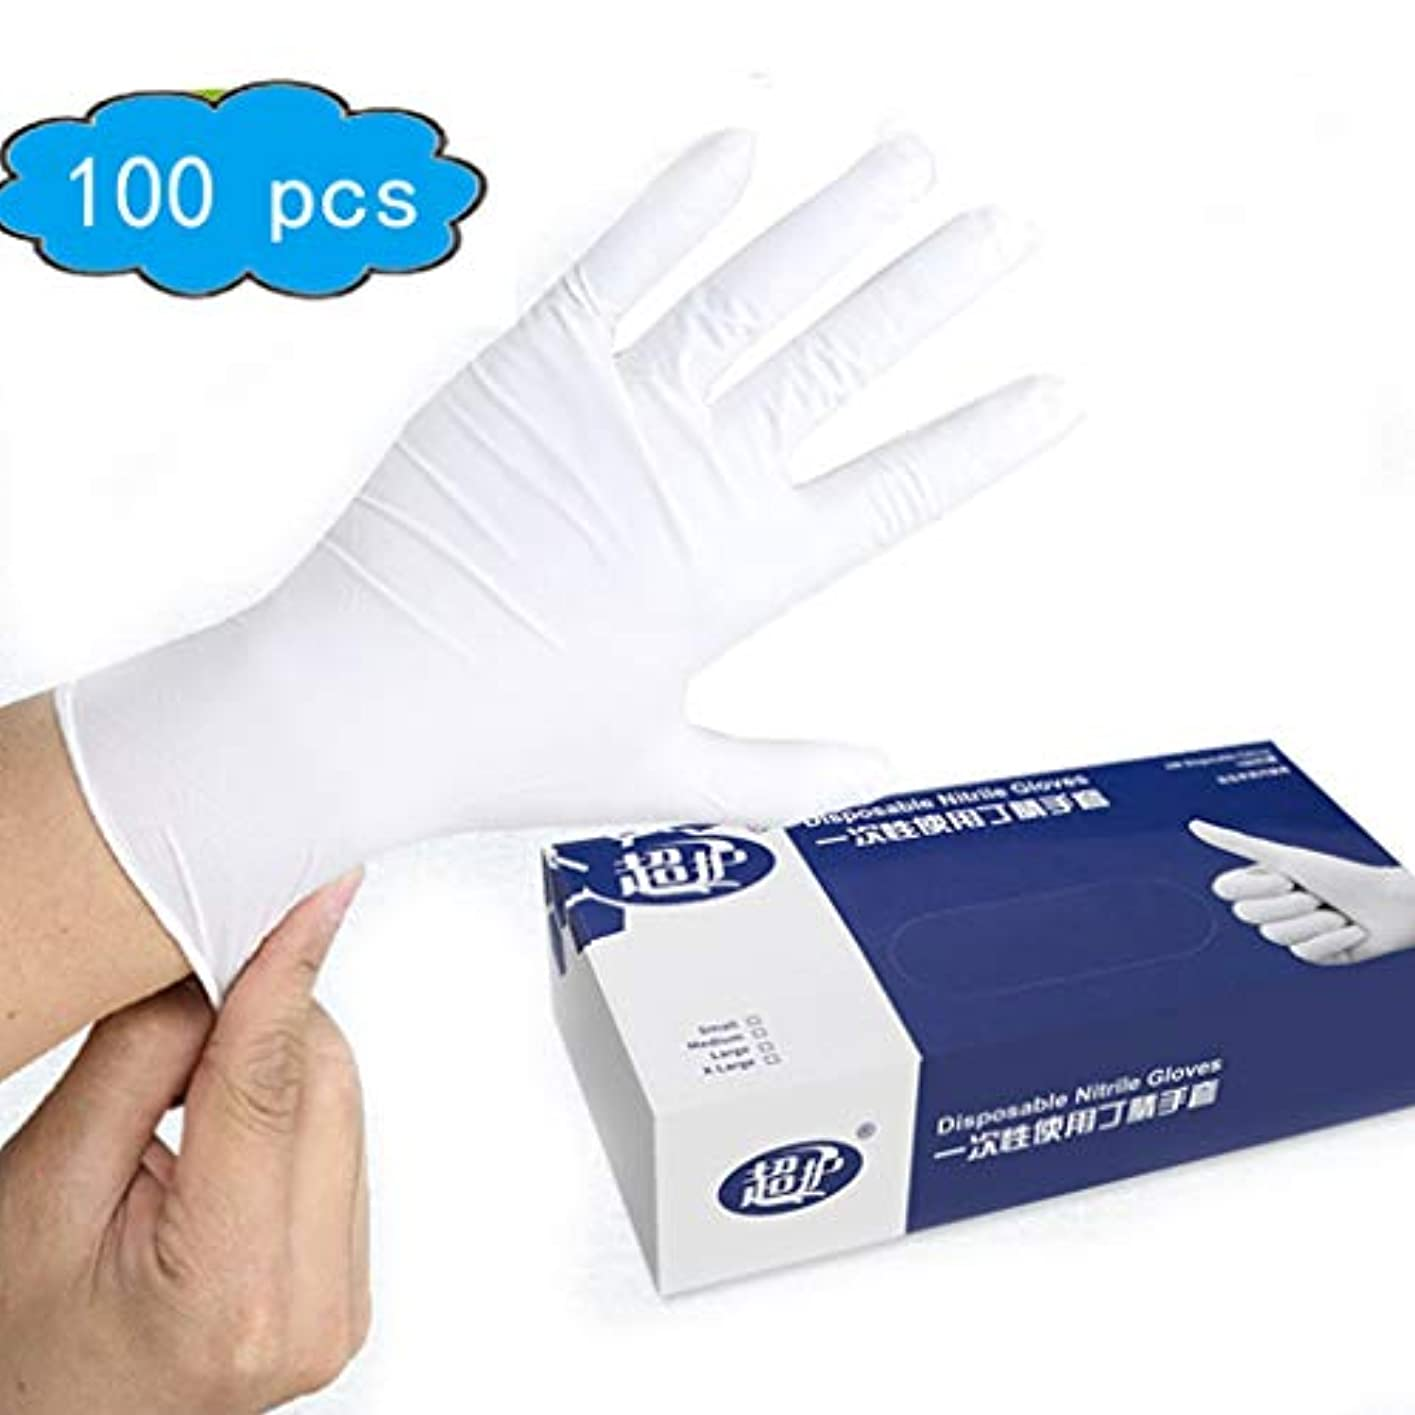 ウェイトレスお酒差別化するニトリル手袋 - ラテックスフリー、パウダーフリー、非滅菌、衛生手袋、100のボックス (Color : White, Size : S)